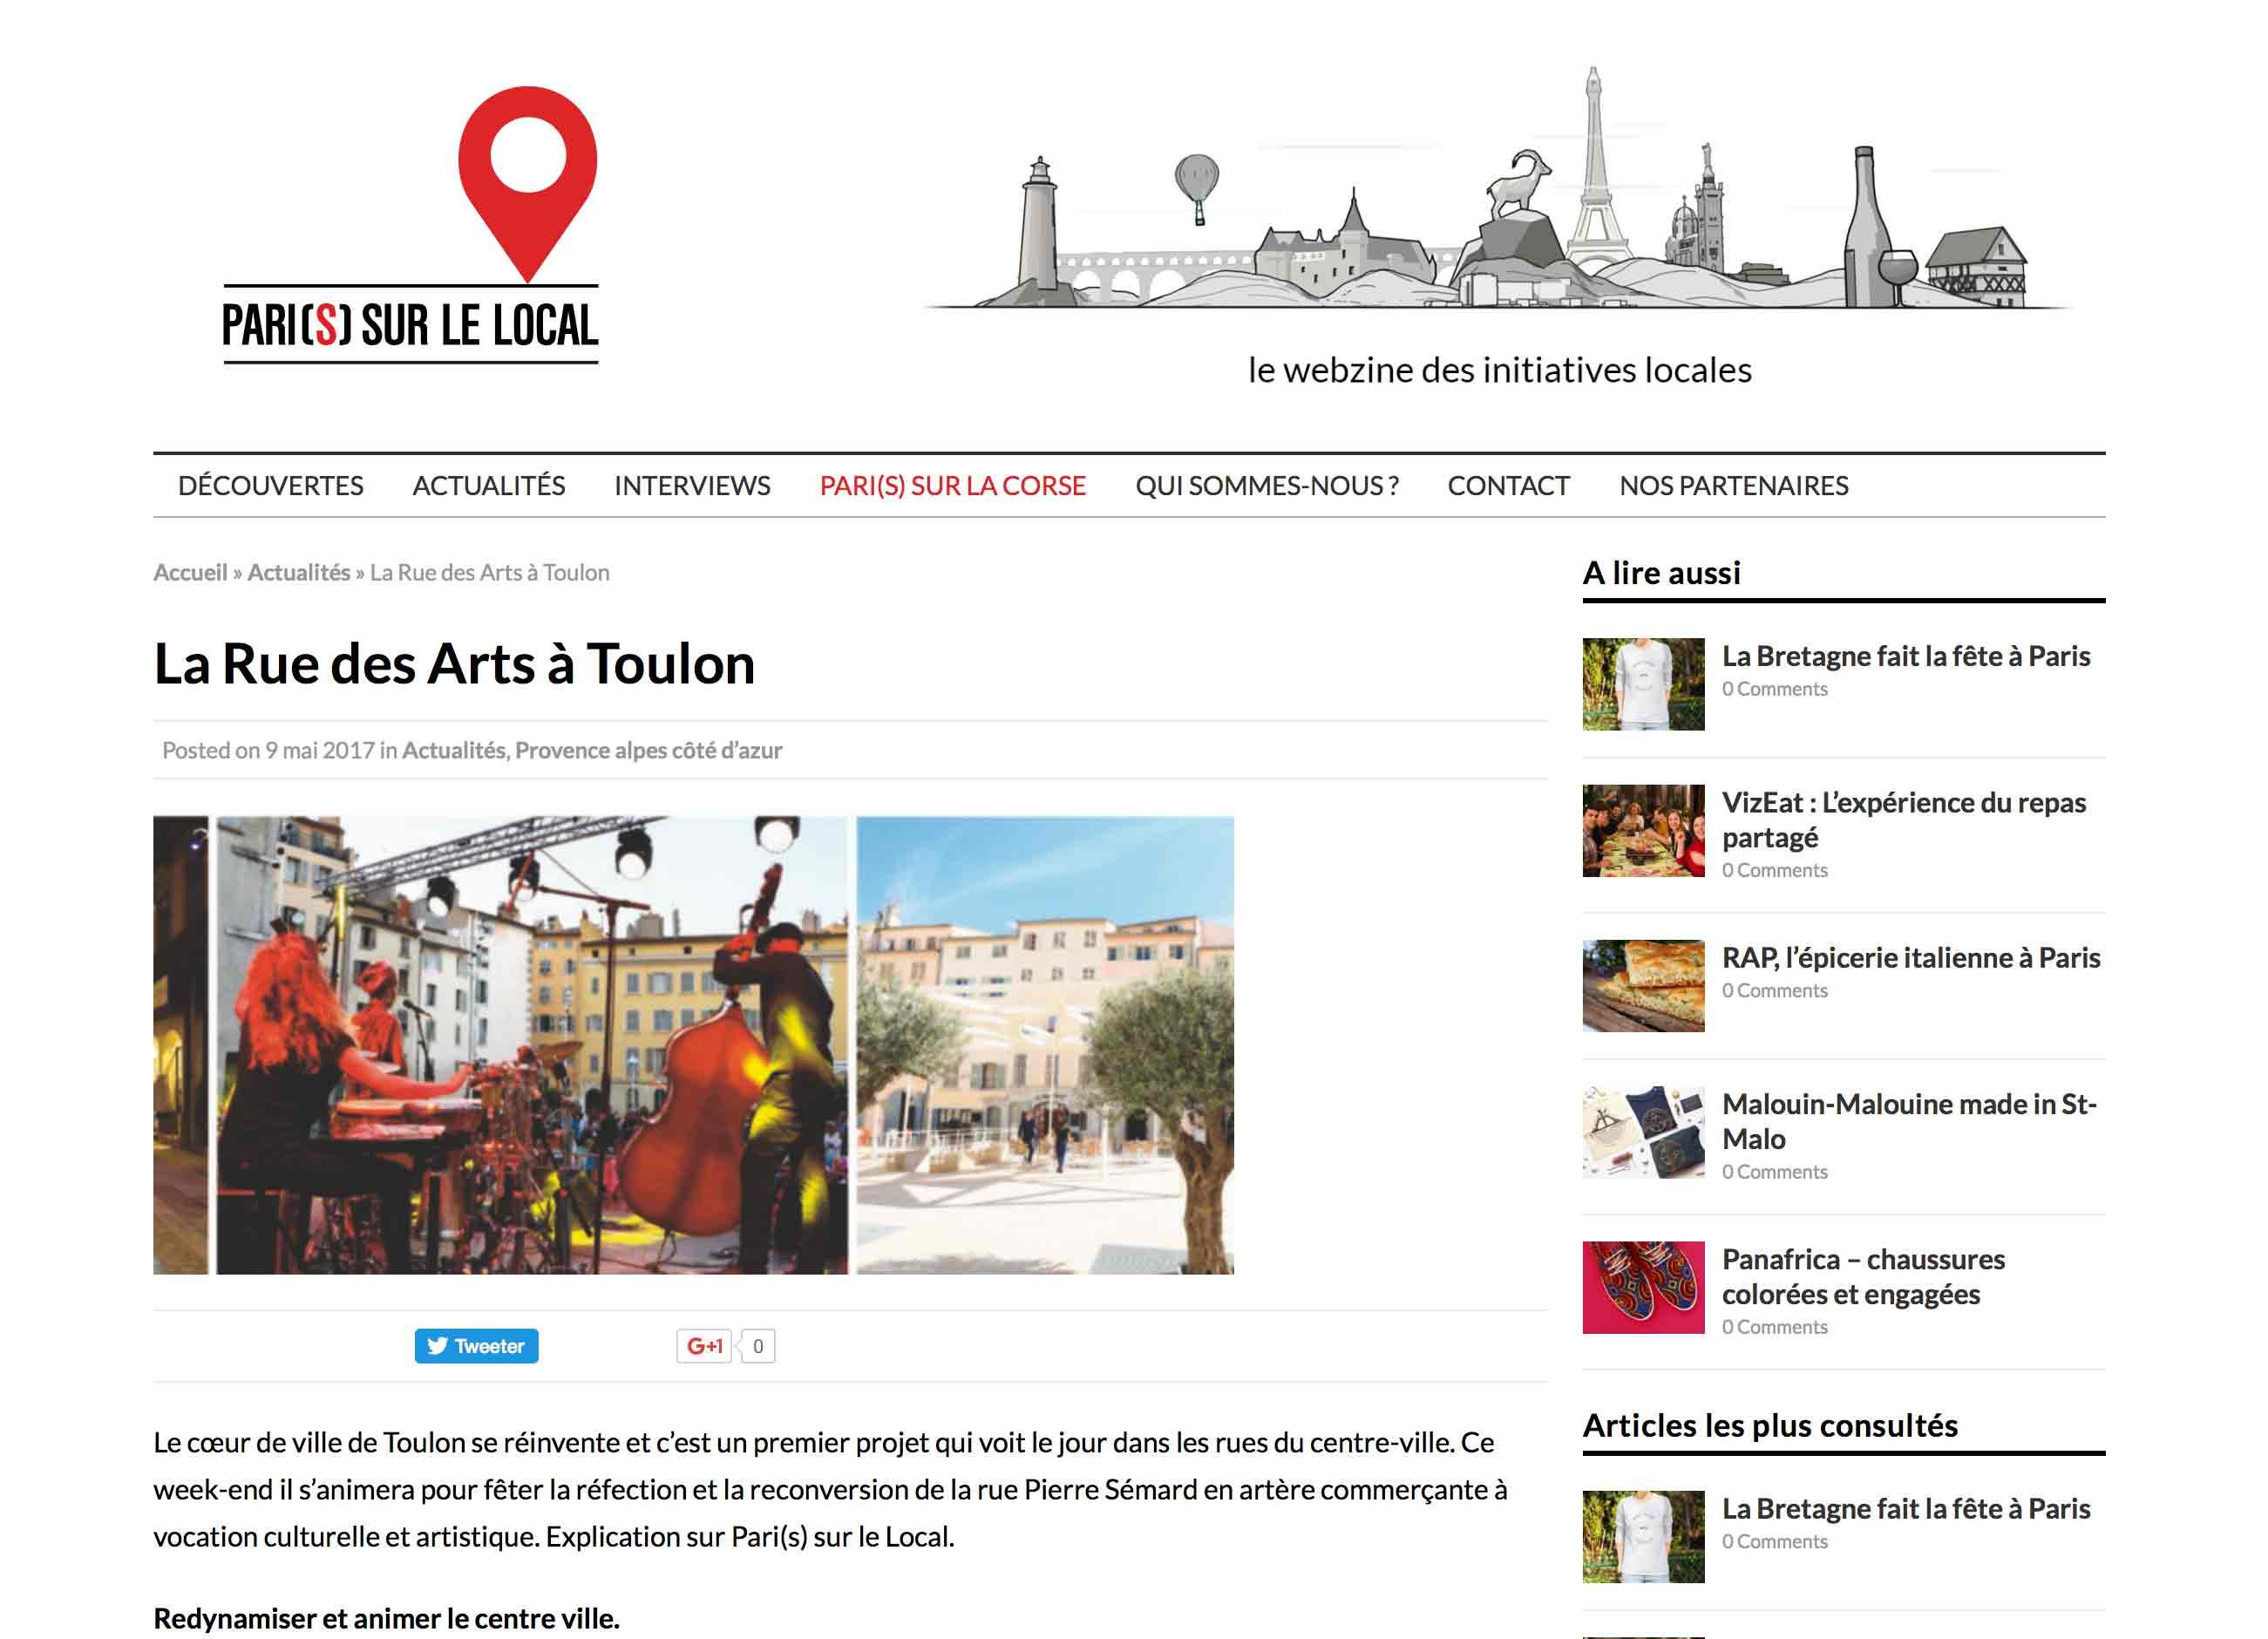 paris-sur-le-local-rue-des-arts